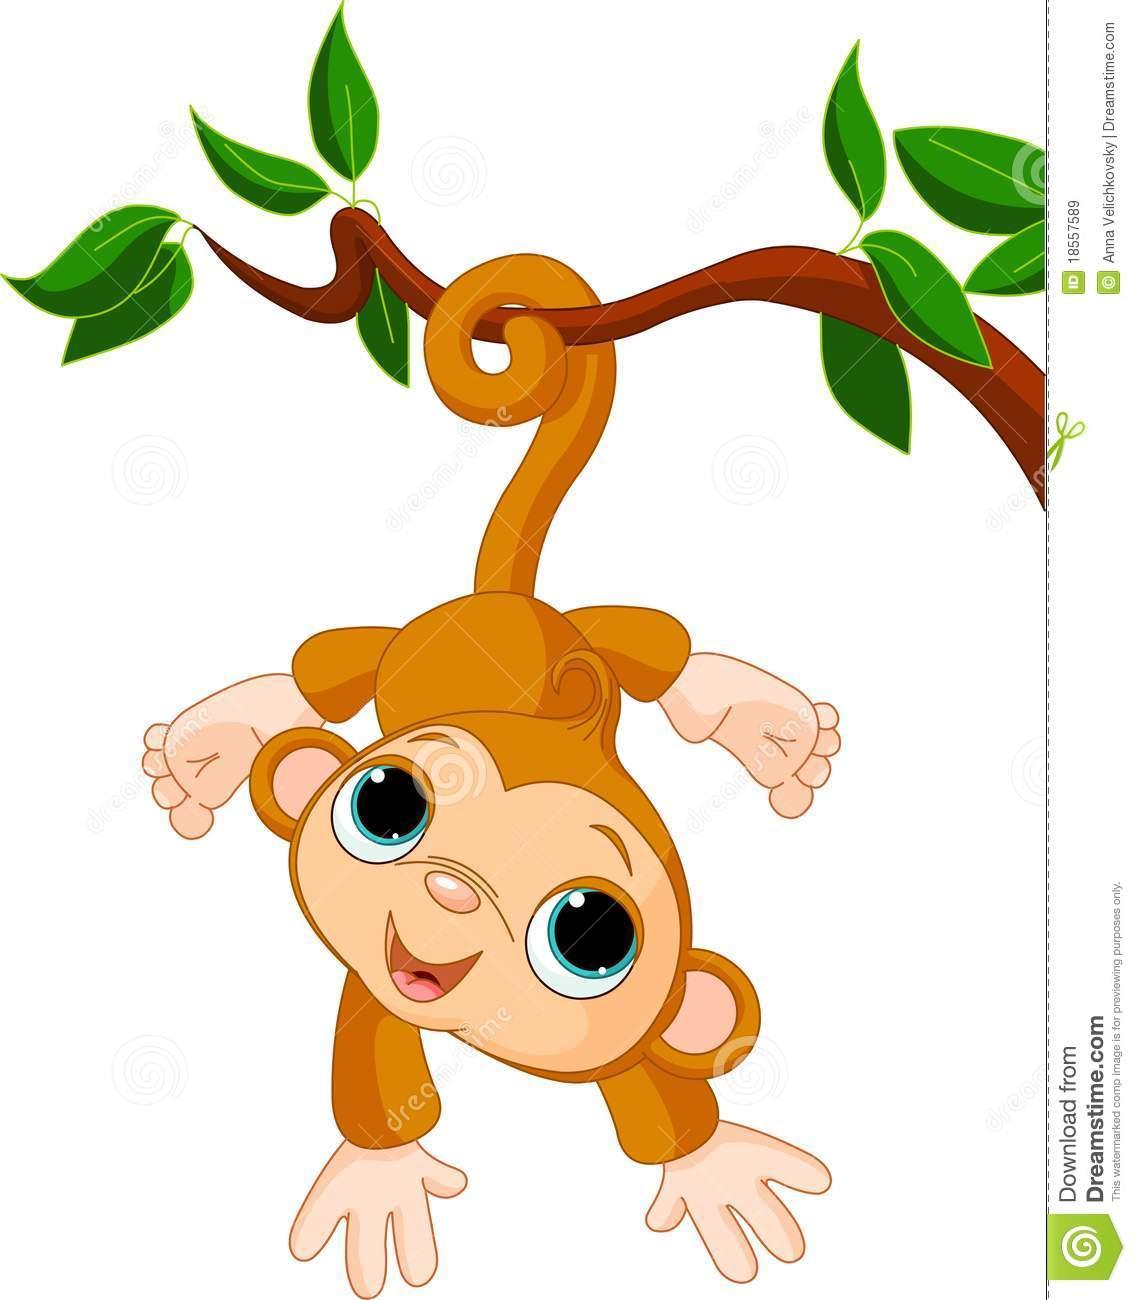 baby monkey clip art de aap clipart panda free clipart images rh clipartpanda com baby monkey cartoon clip art baby monkey clip art black and white